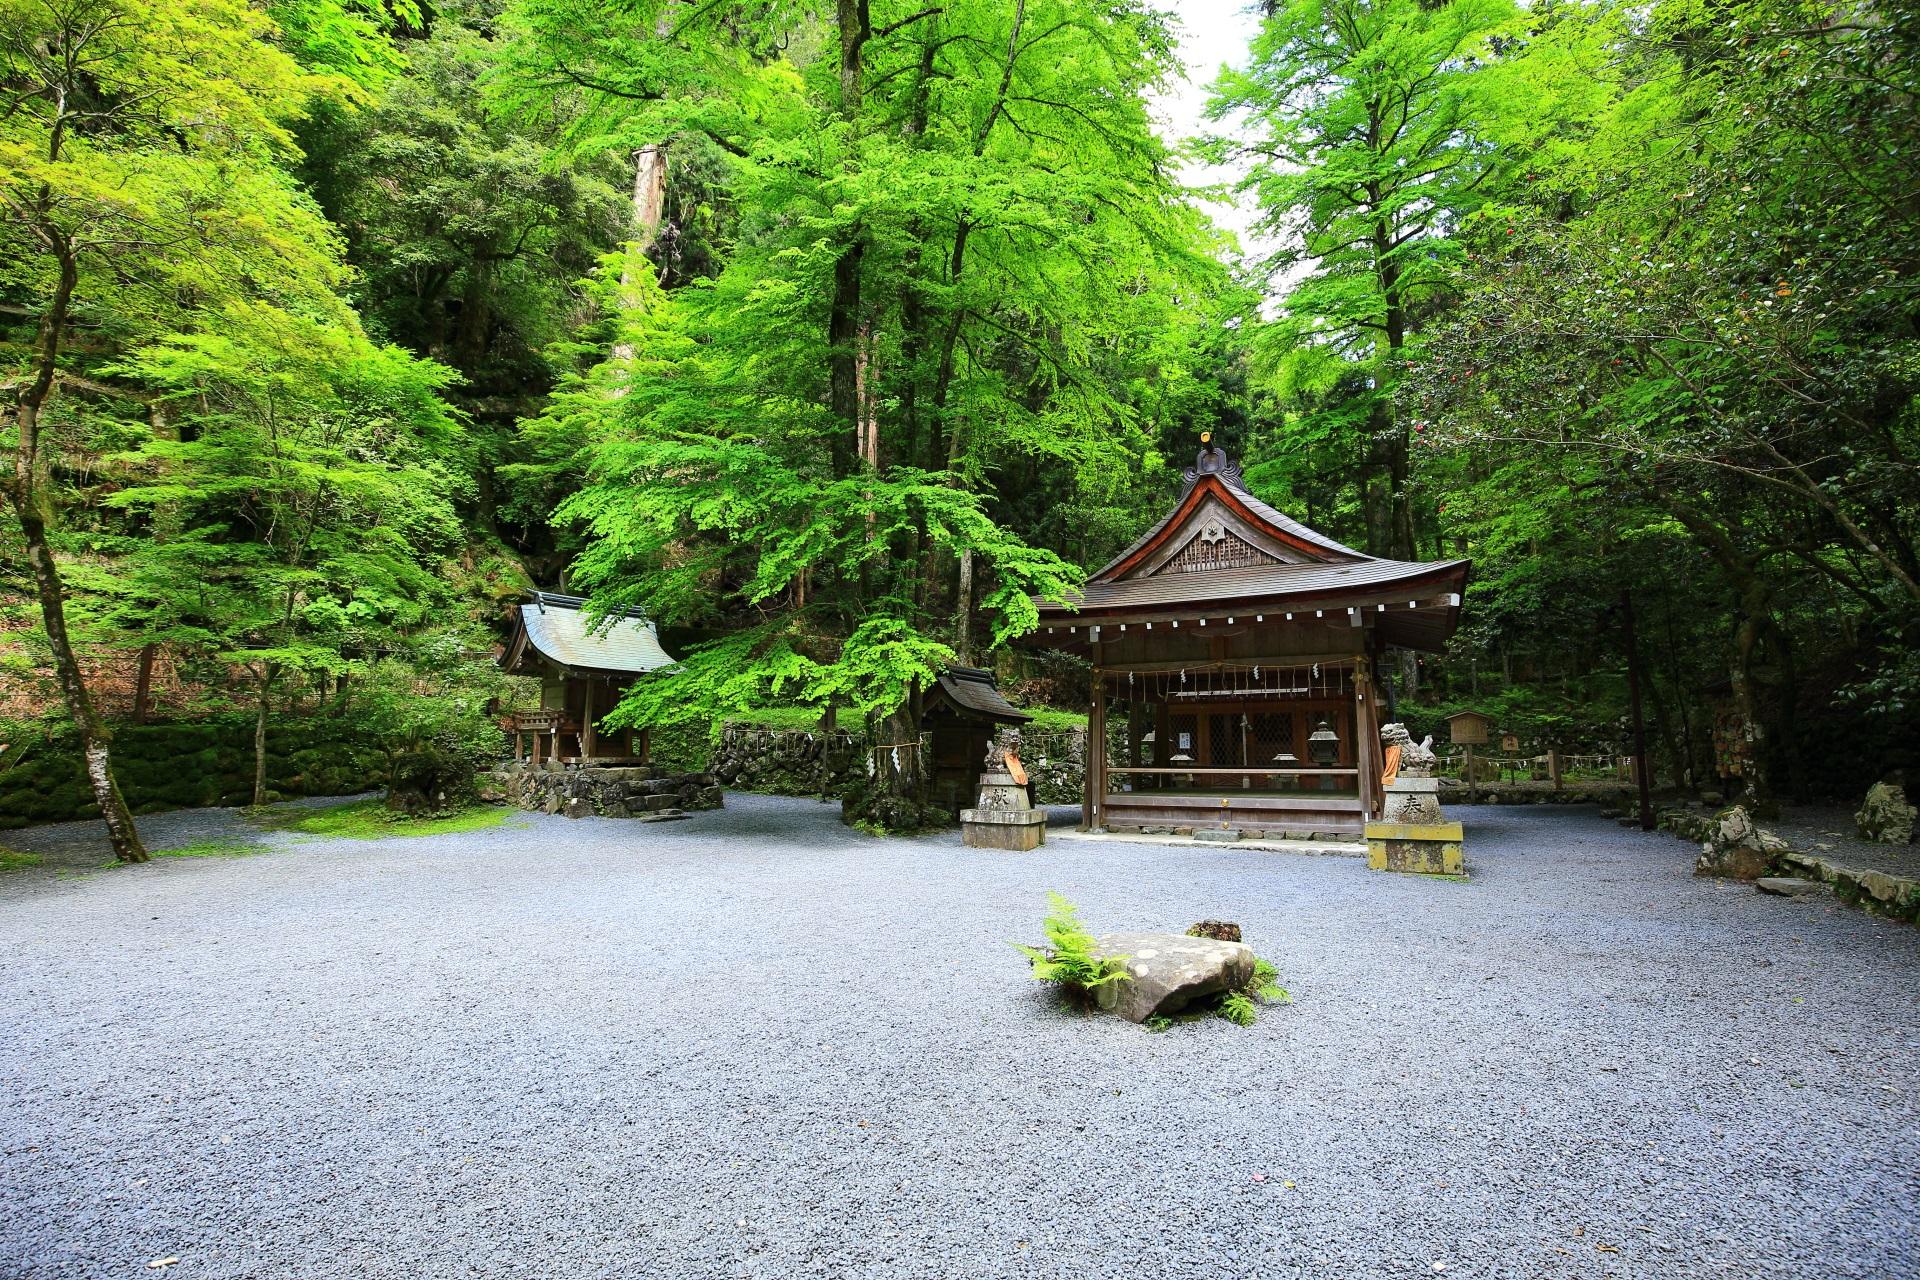 貴船神社の奥宮と緑